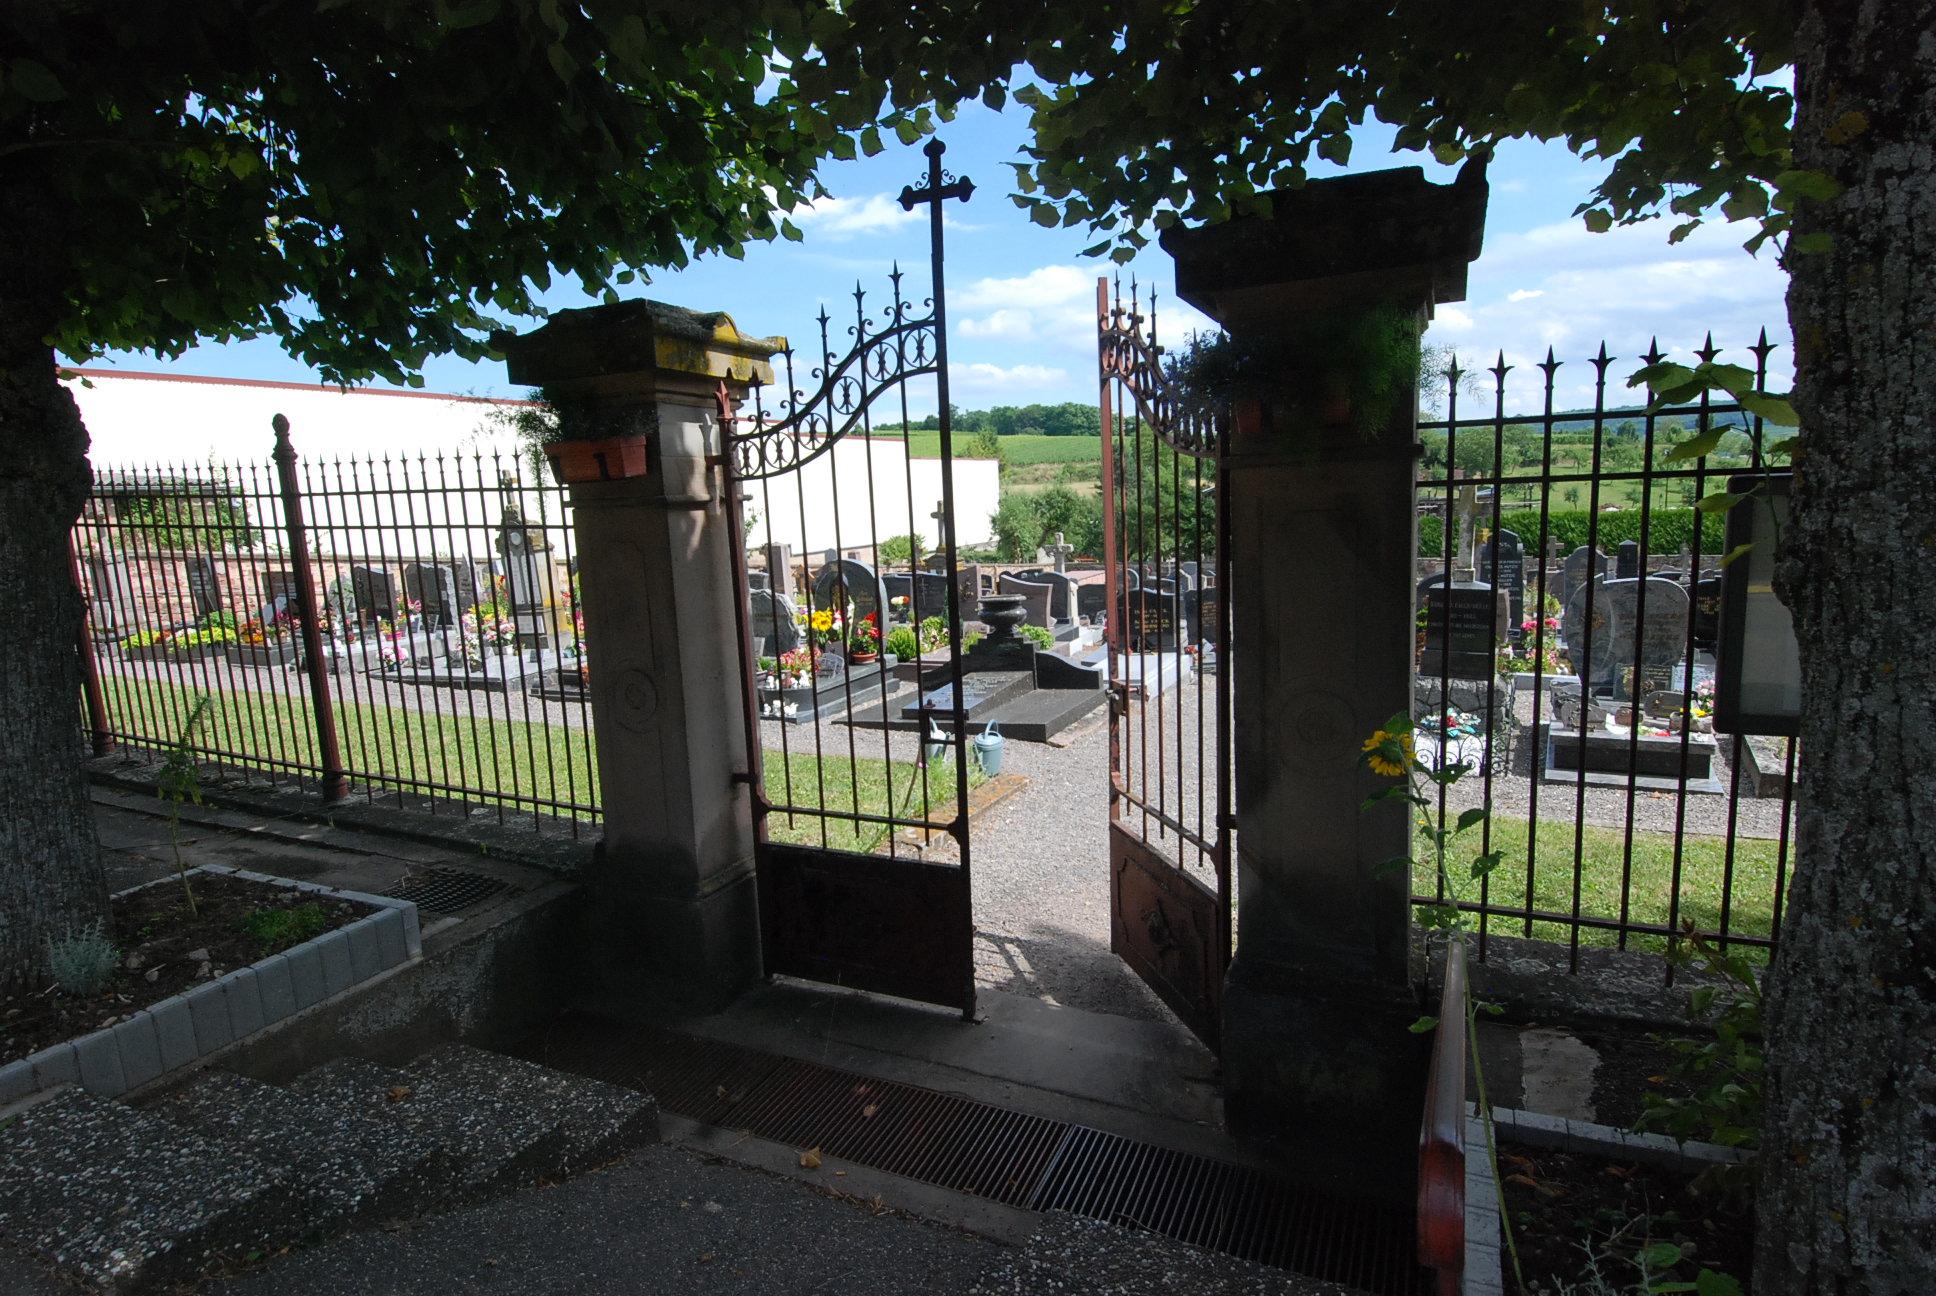 portail d'entrée du cimetière de Balbronn